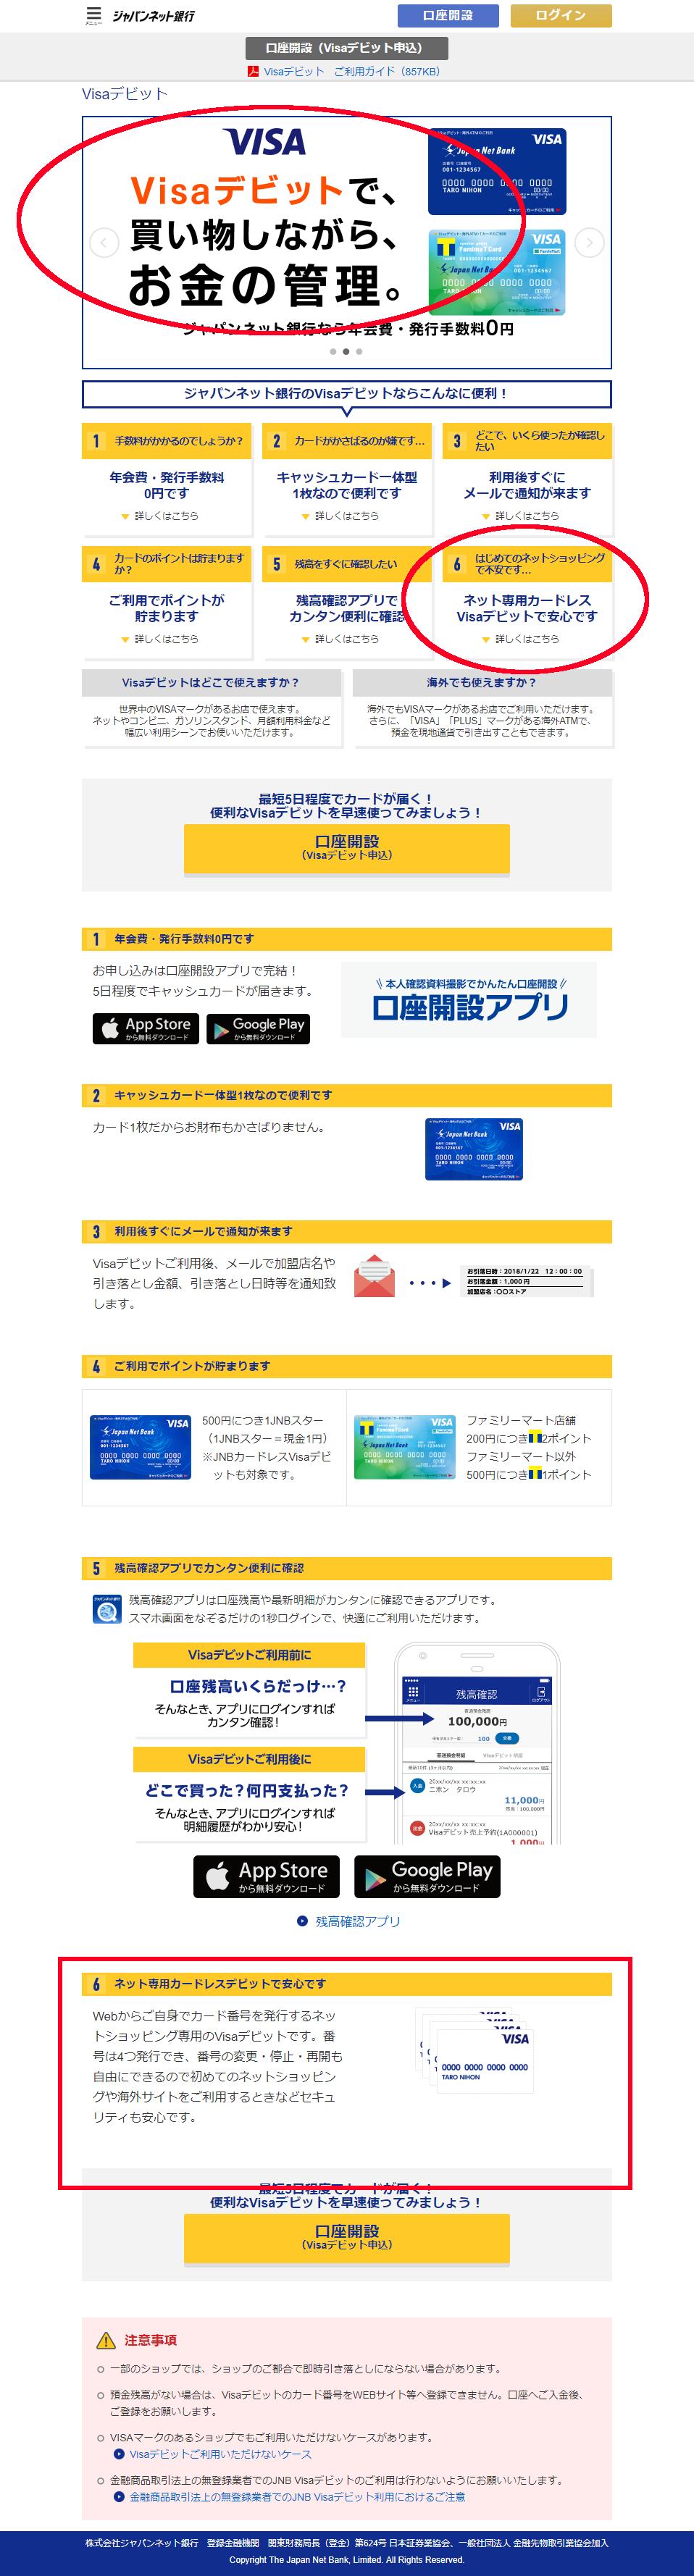 ジャパン ネット 銀行 はやぶさ 支店